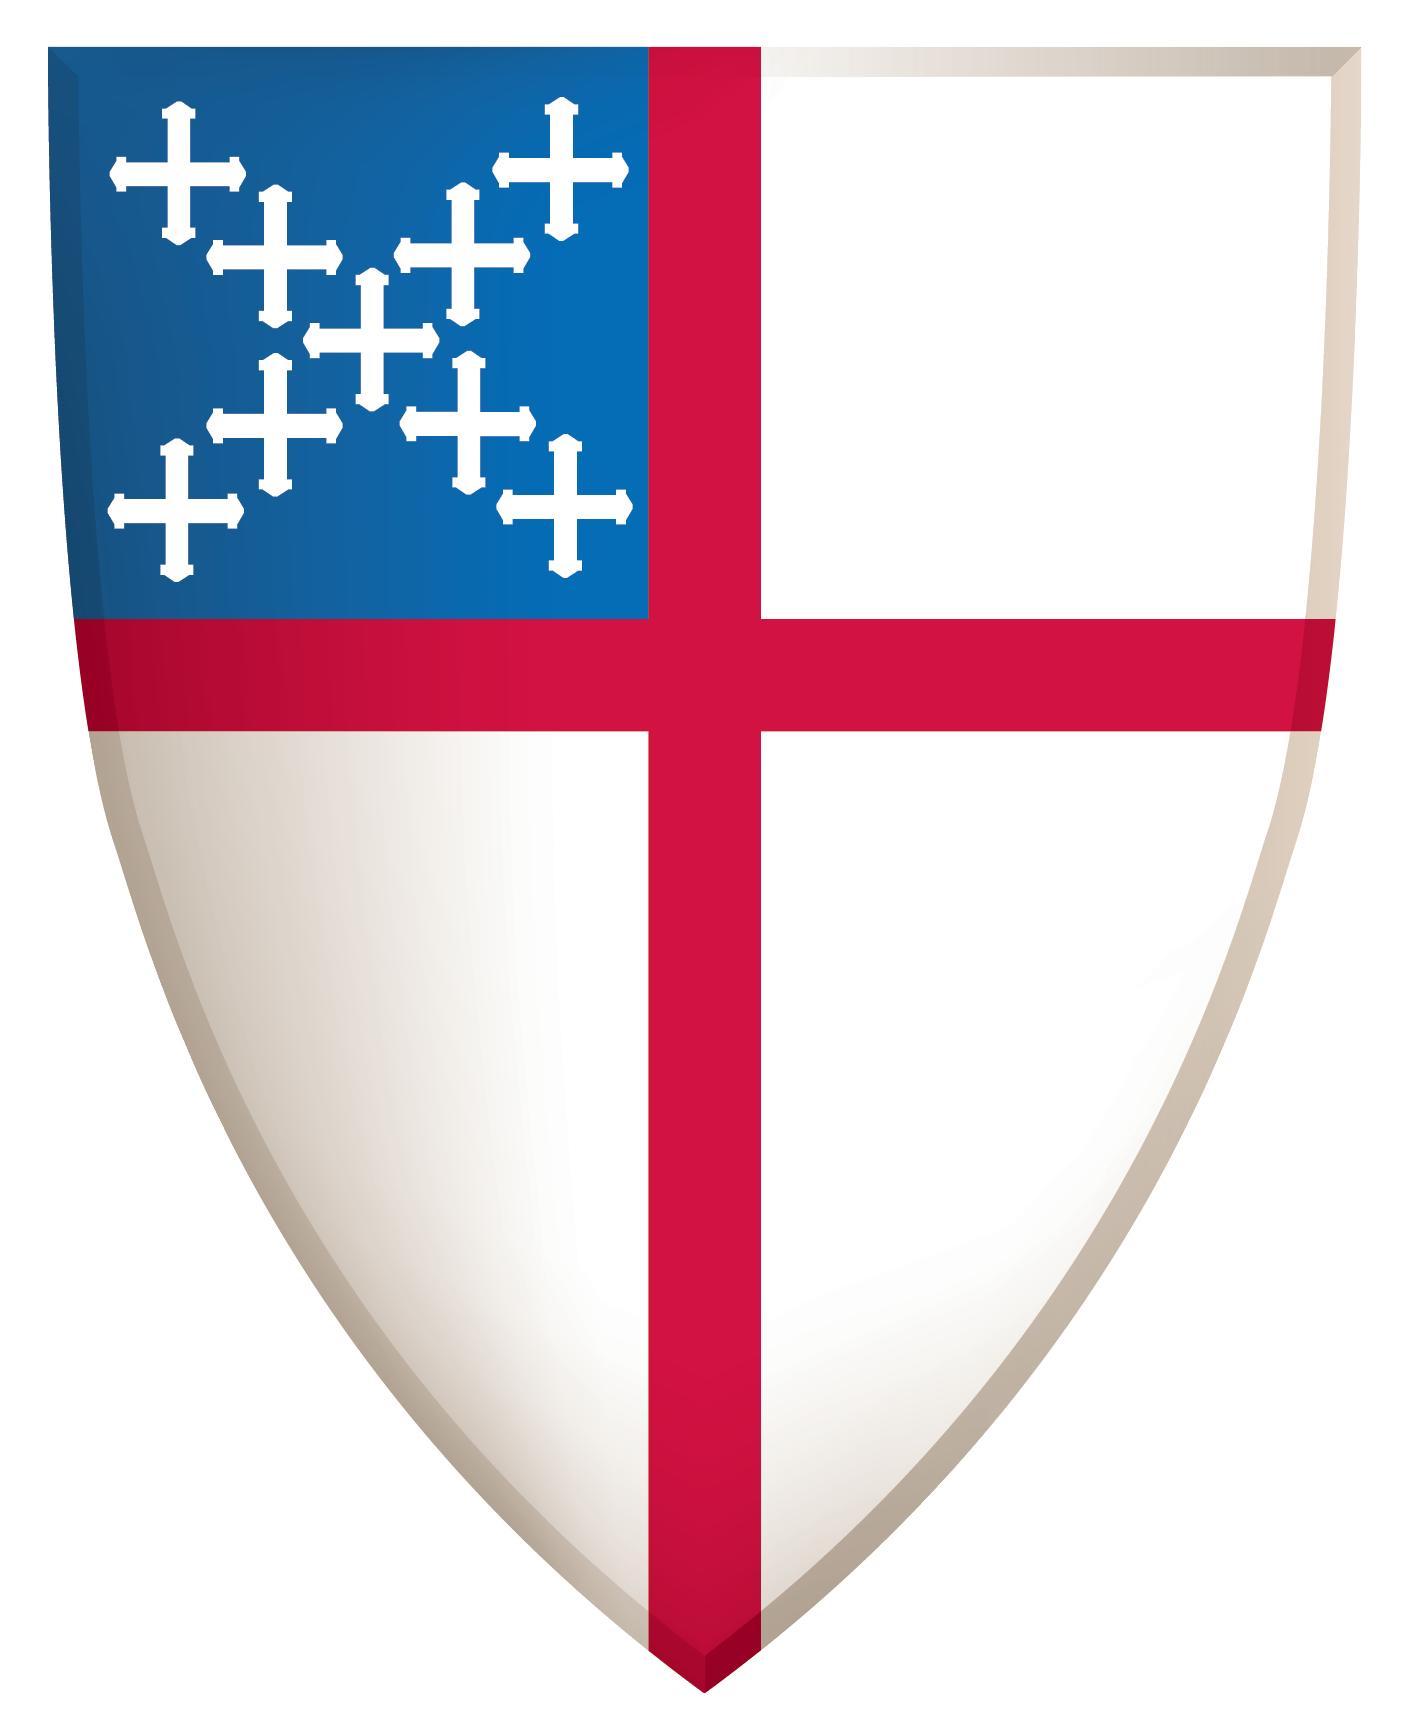 episcopallogo.png